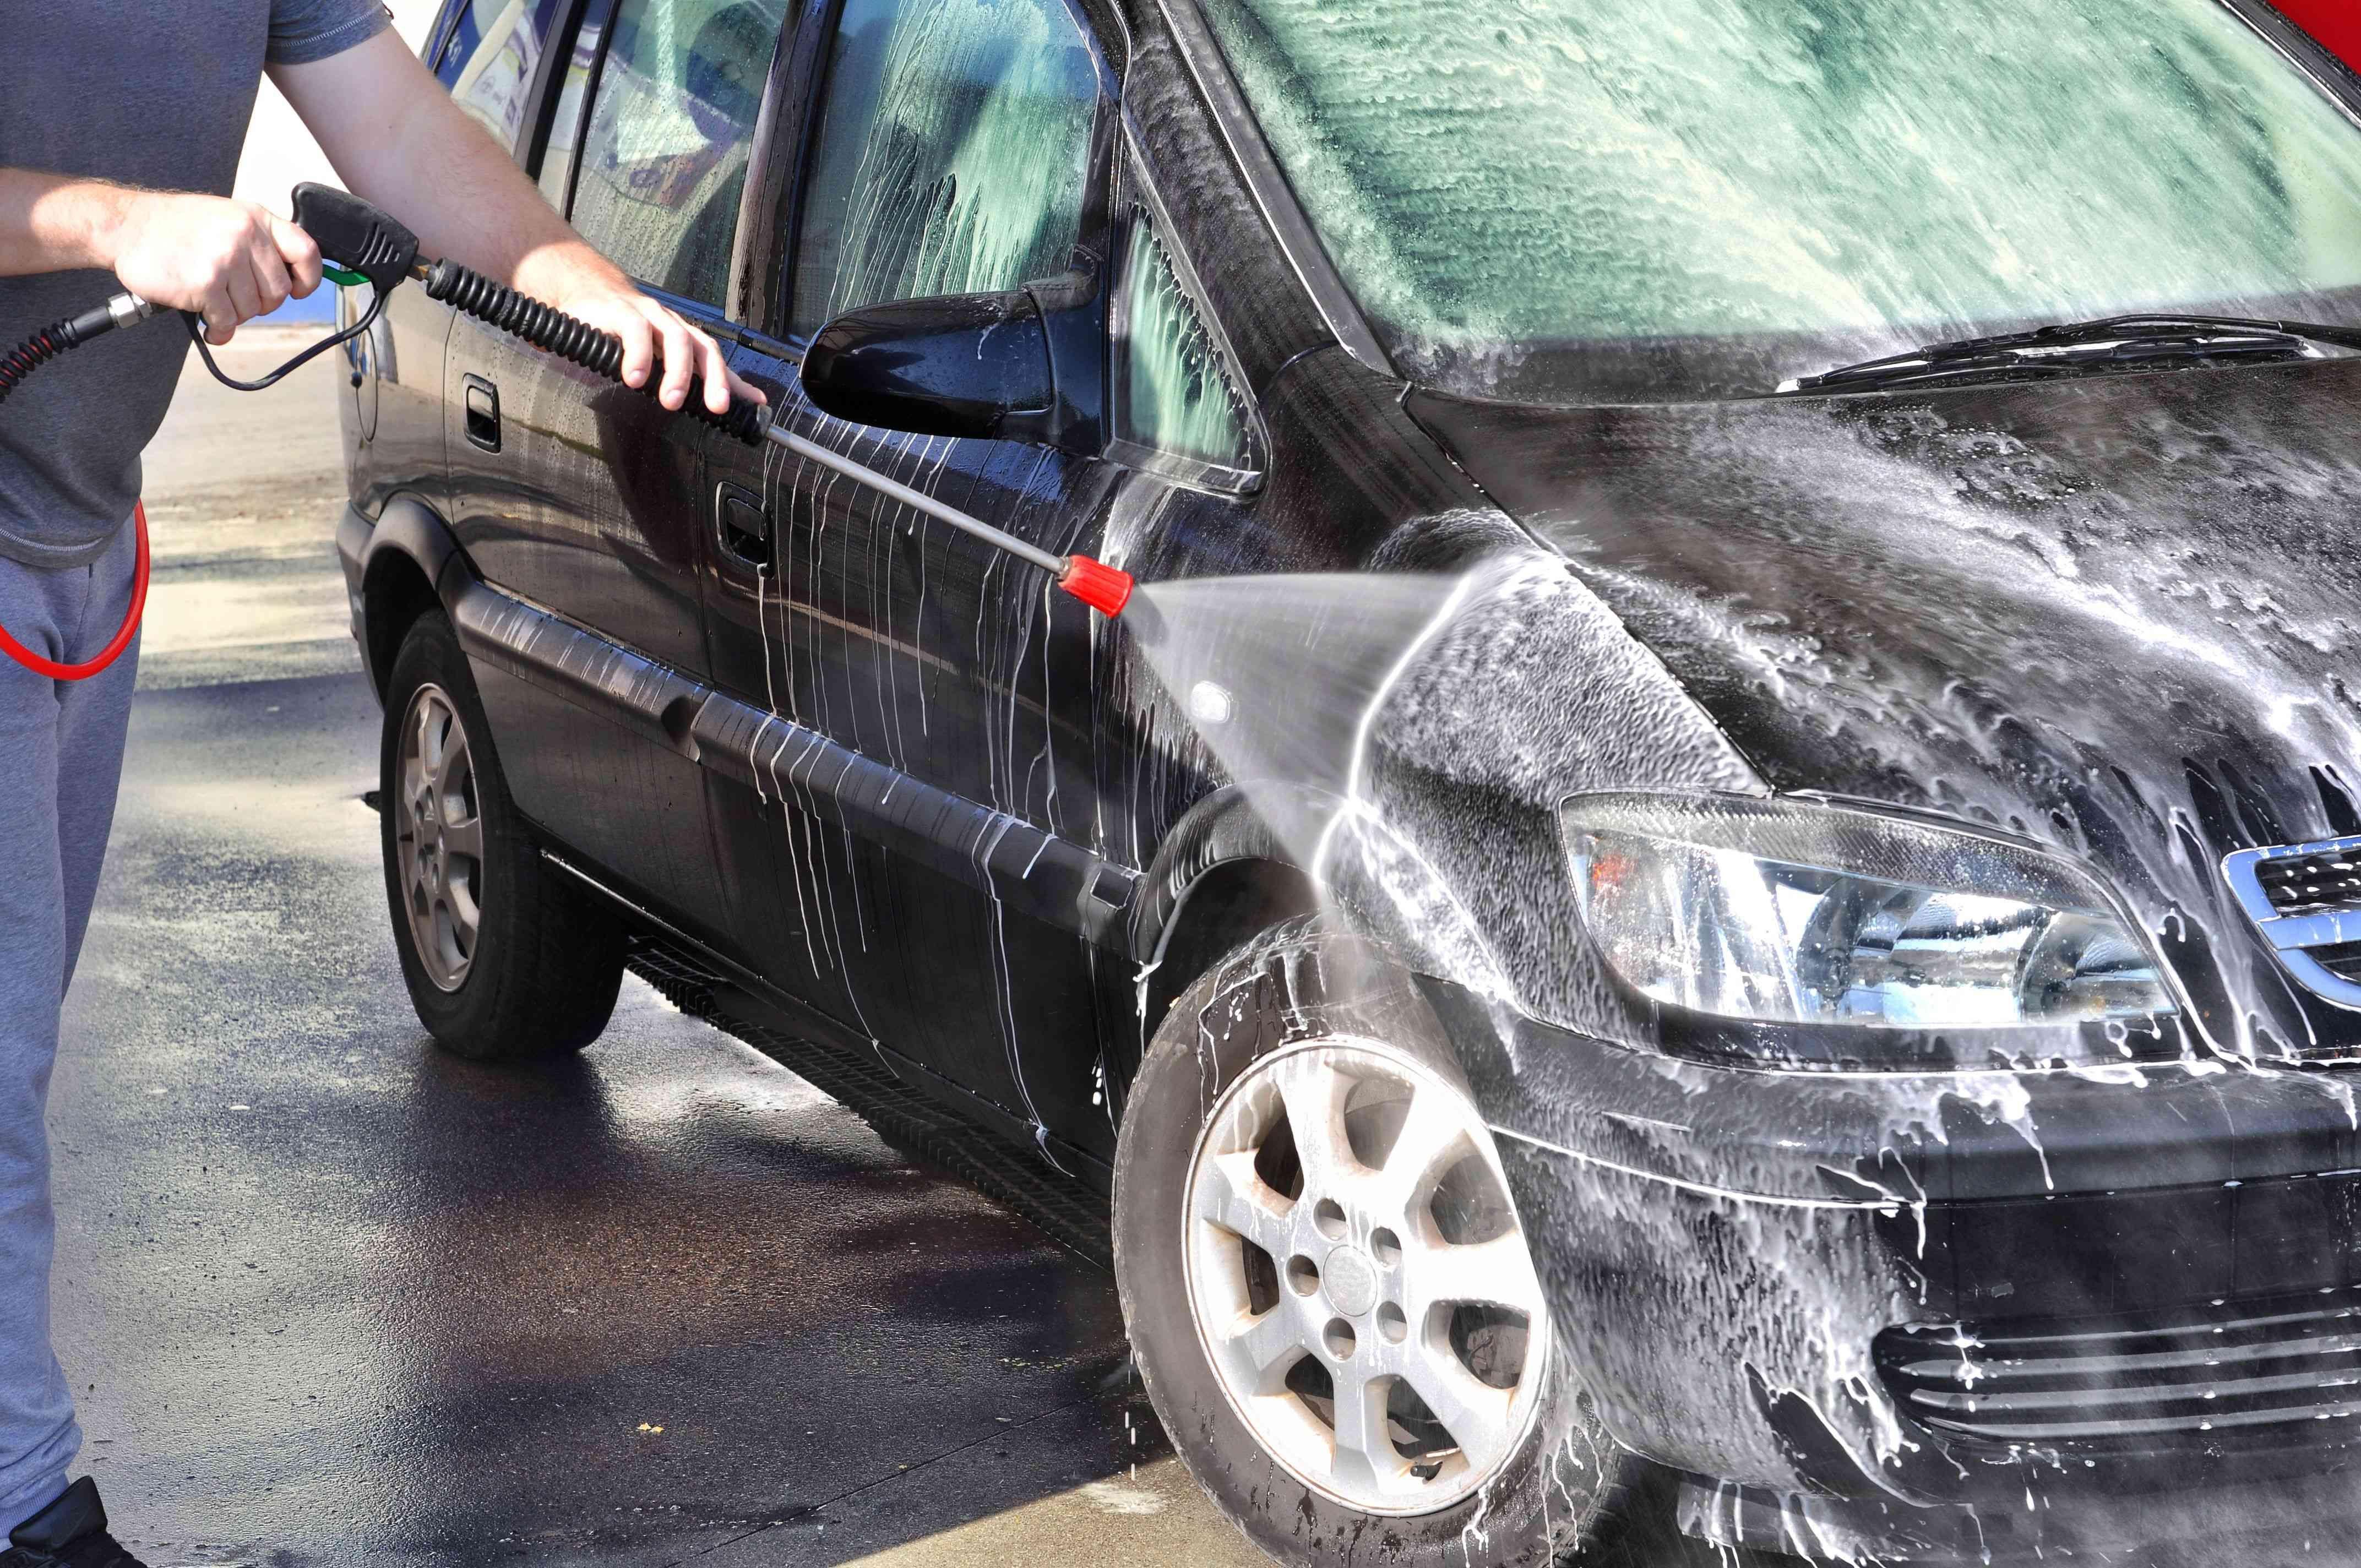 Nettoyer une voiture  avec un nettoyeur haute pression